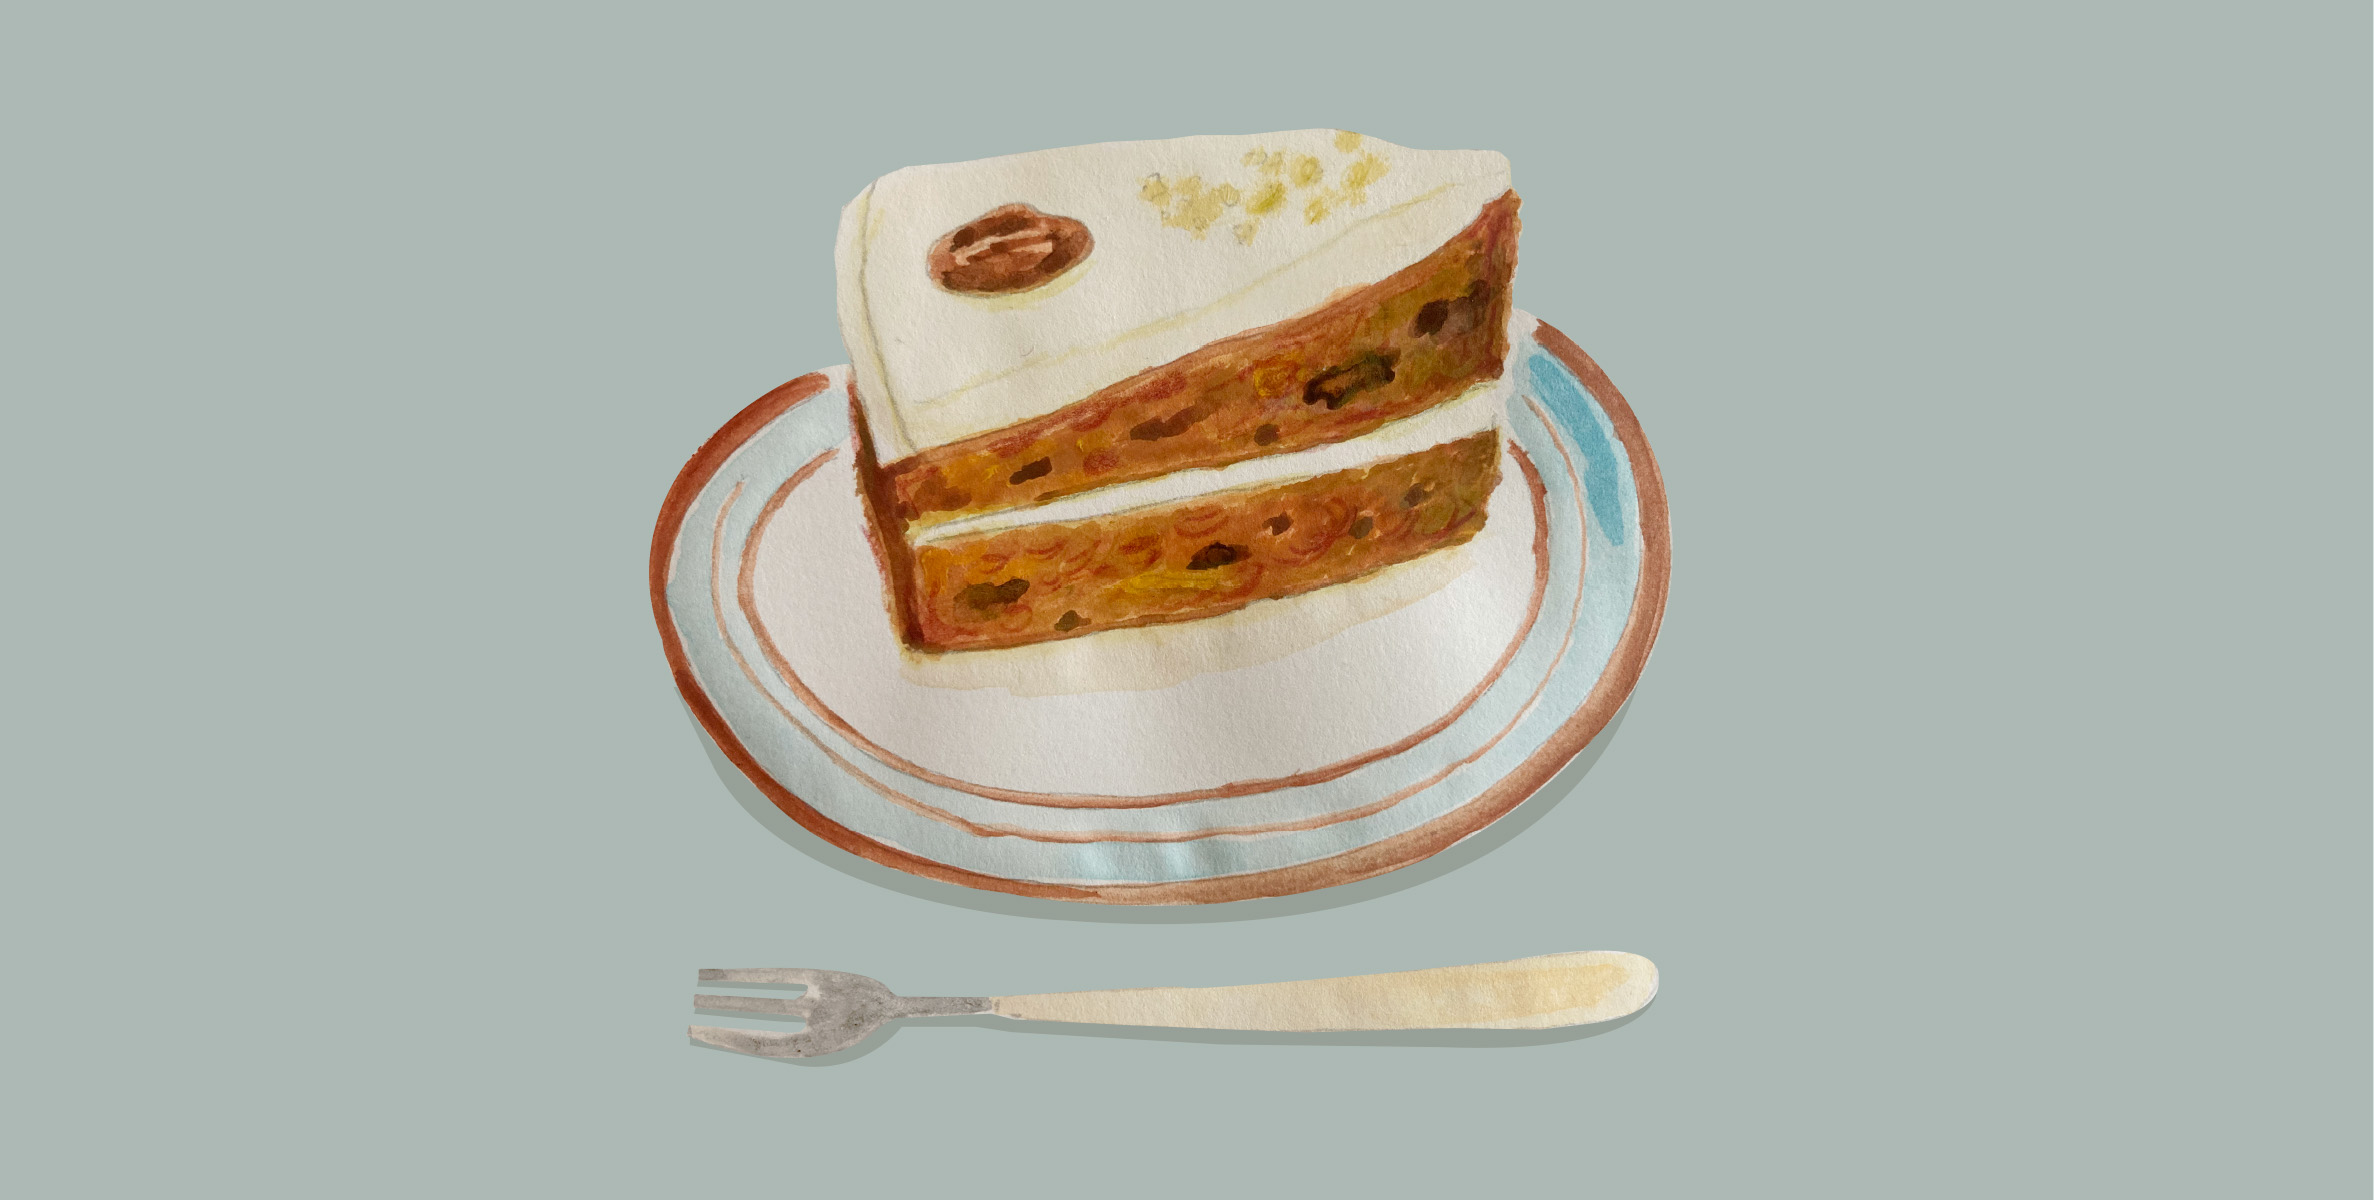 くらしとおやつ「Northfields(ノースフィールズ)」のキャロットケーキ